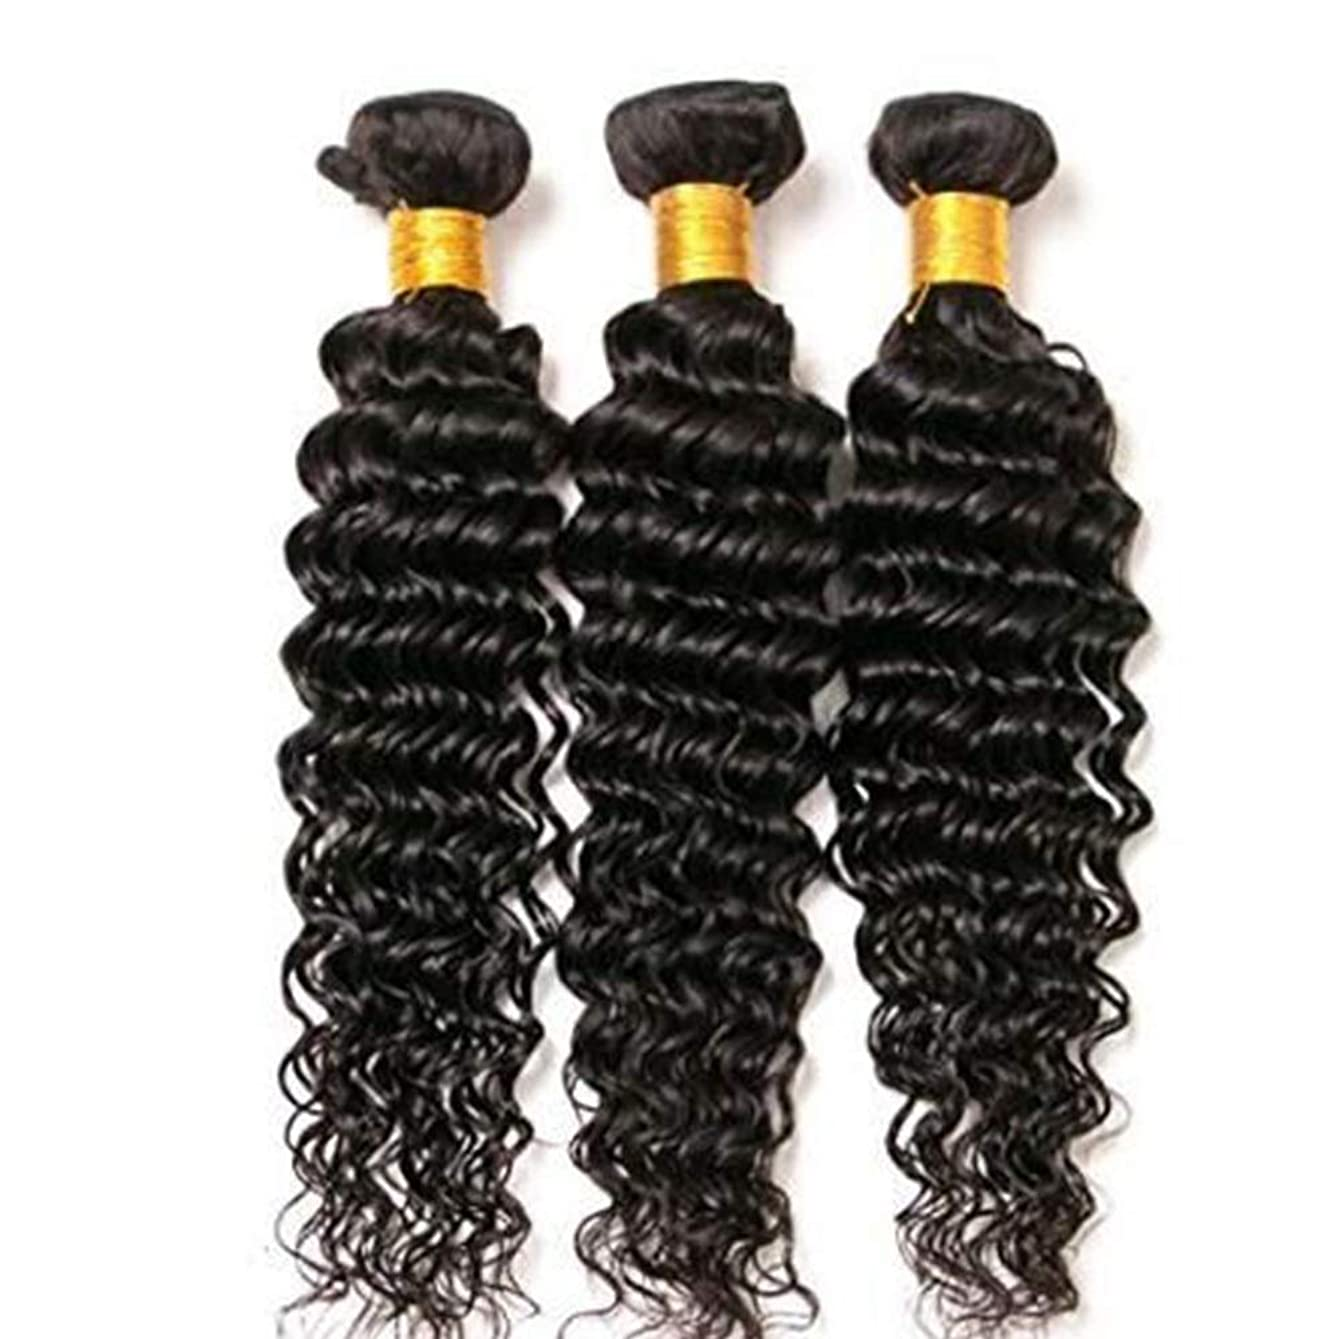 シンカンベット台無しにBOBIDYEE 女性のためのブラジルのディープウェーブヘアバンドル100%未処理の人間の毛髪延長ナチュラルルッキング(8